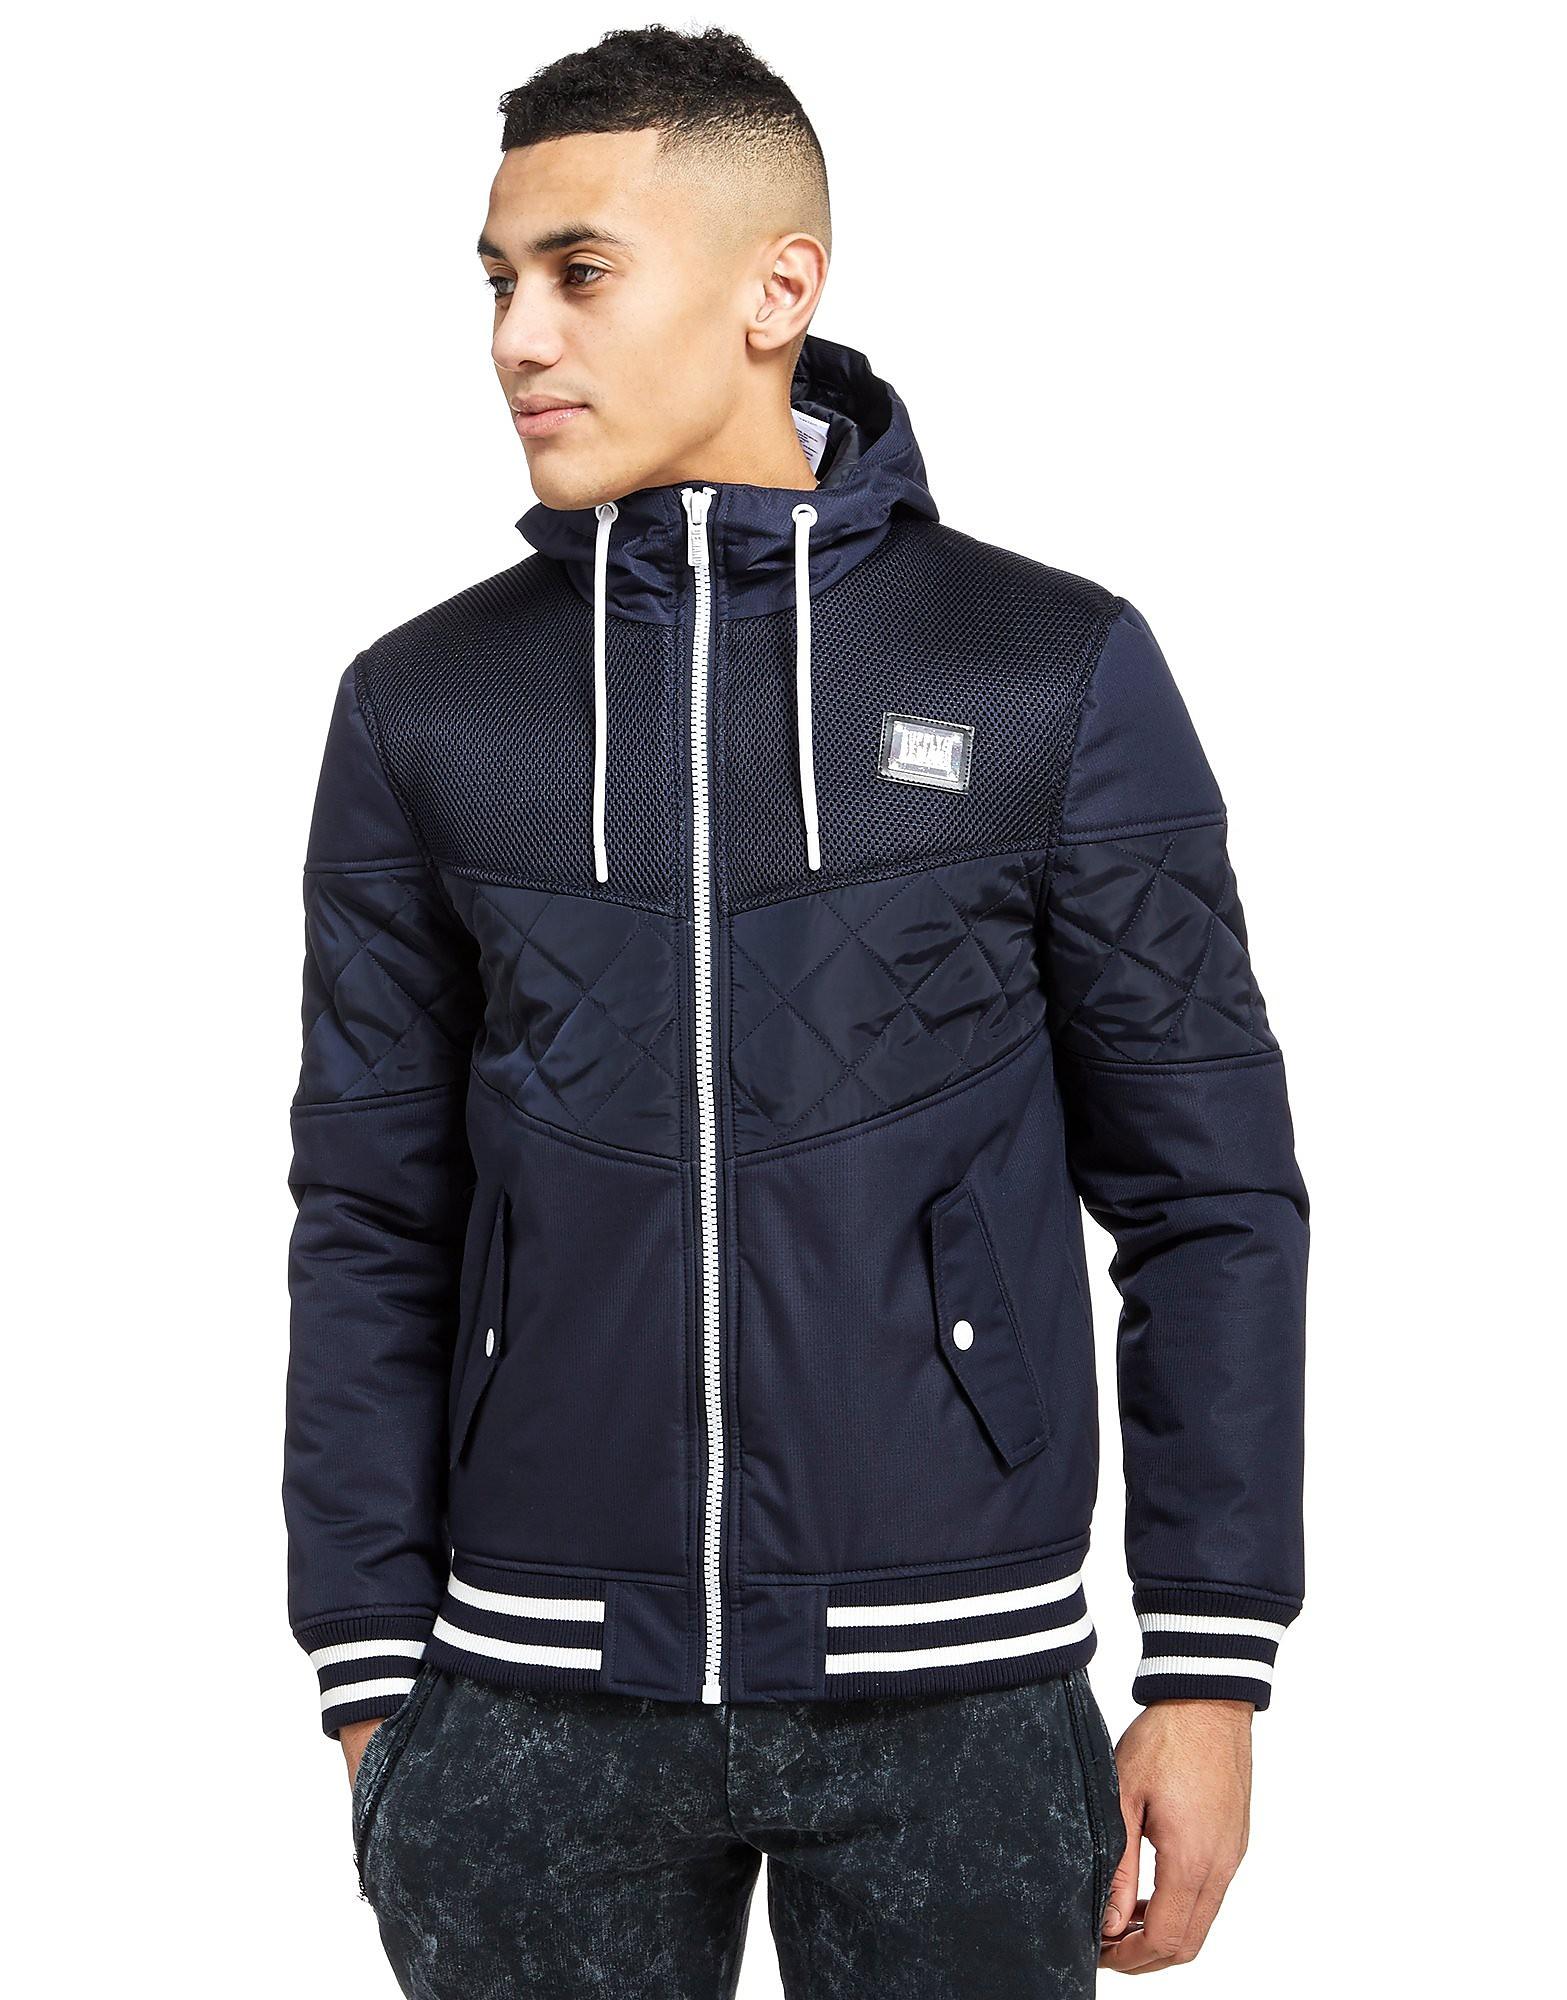 Supply & Demand Zayden Jacket